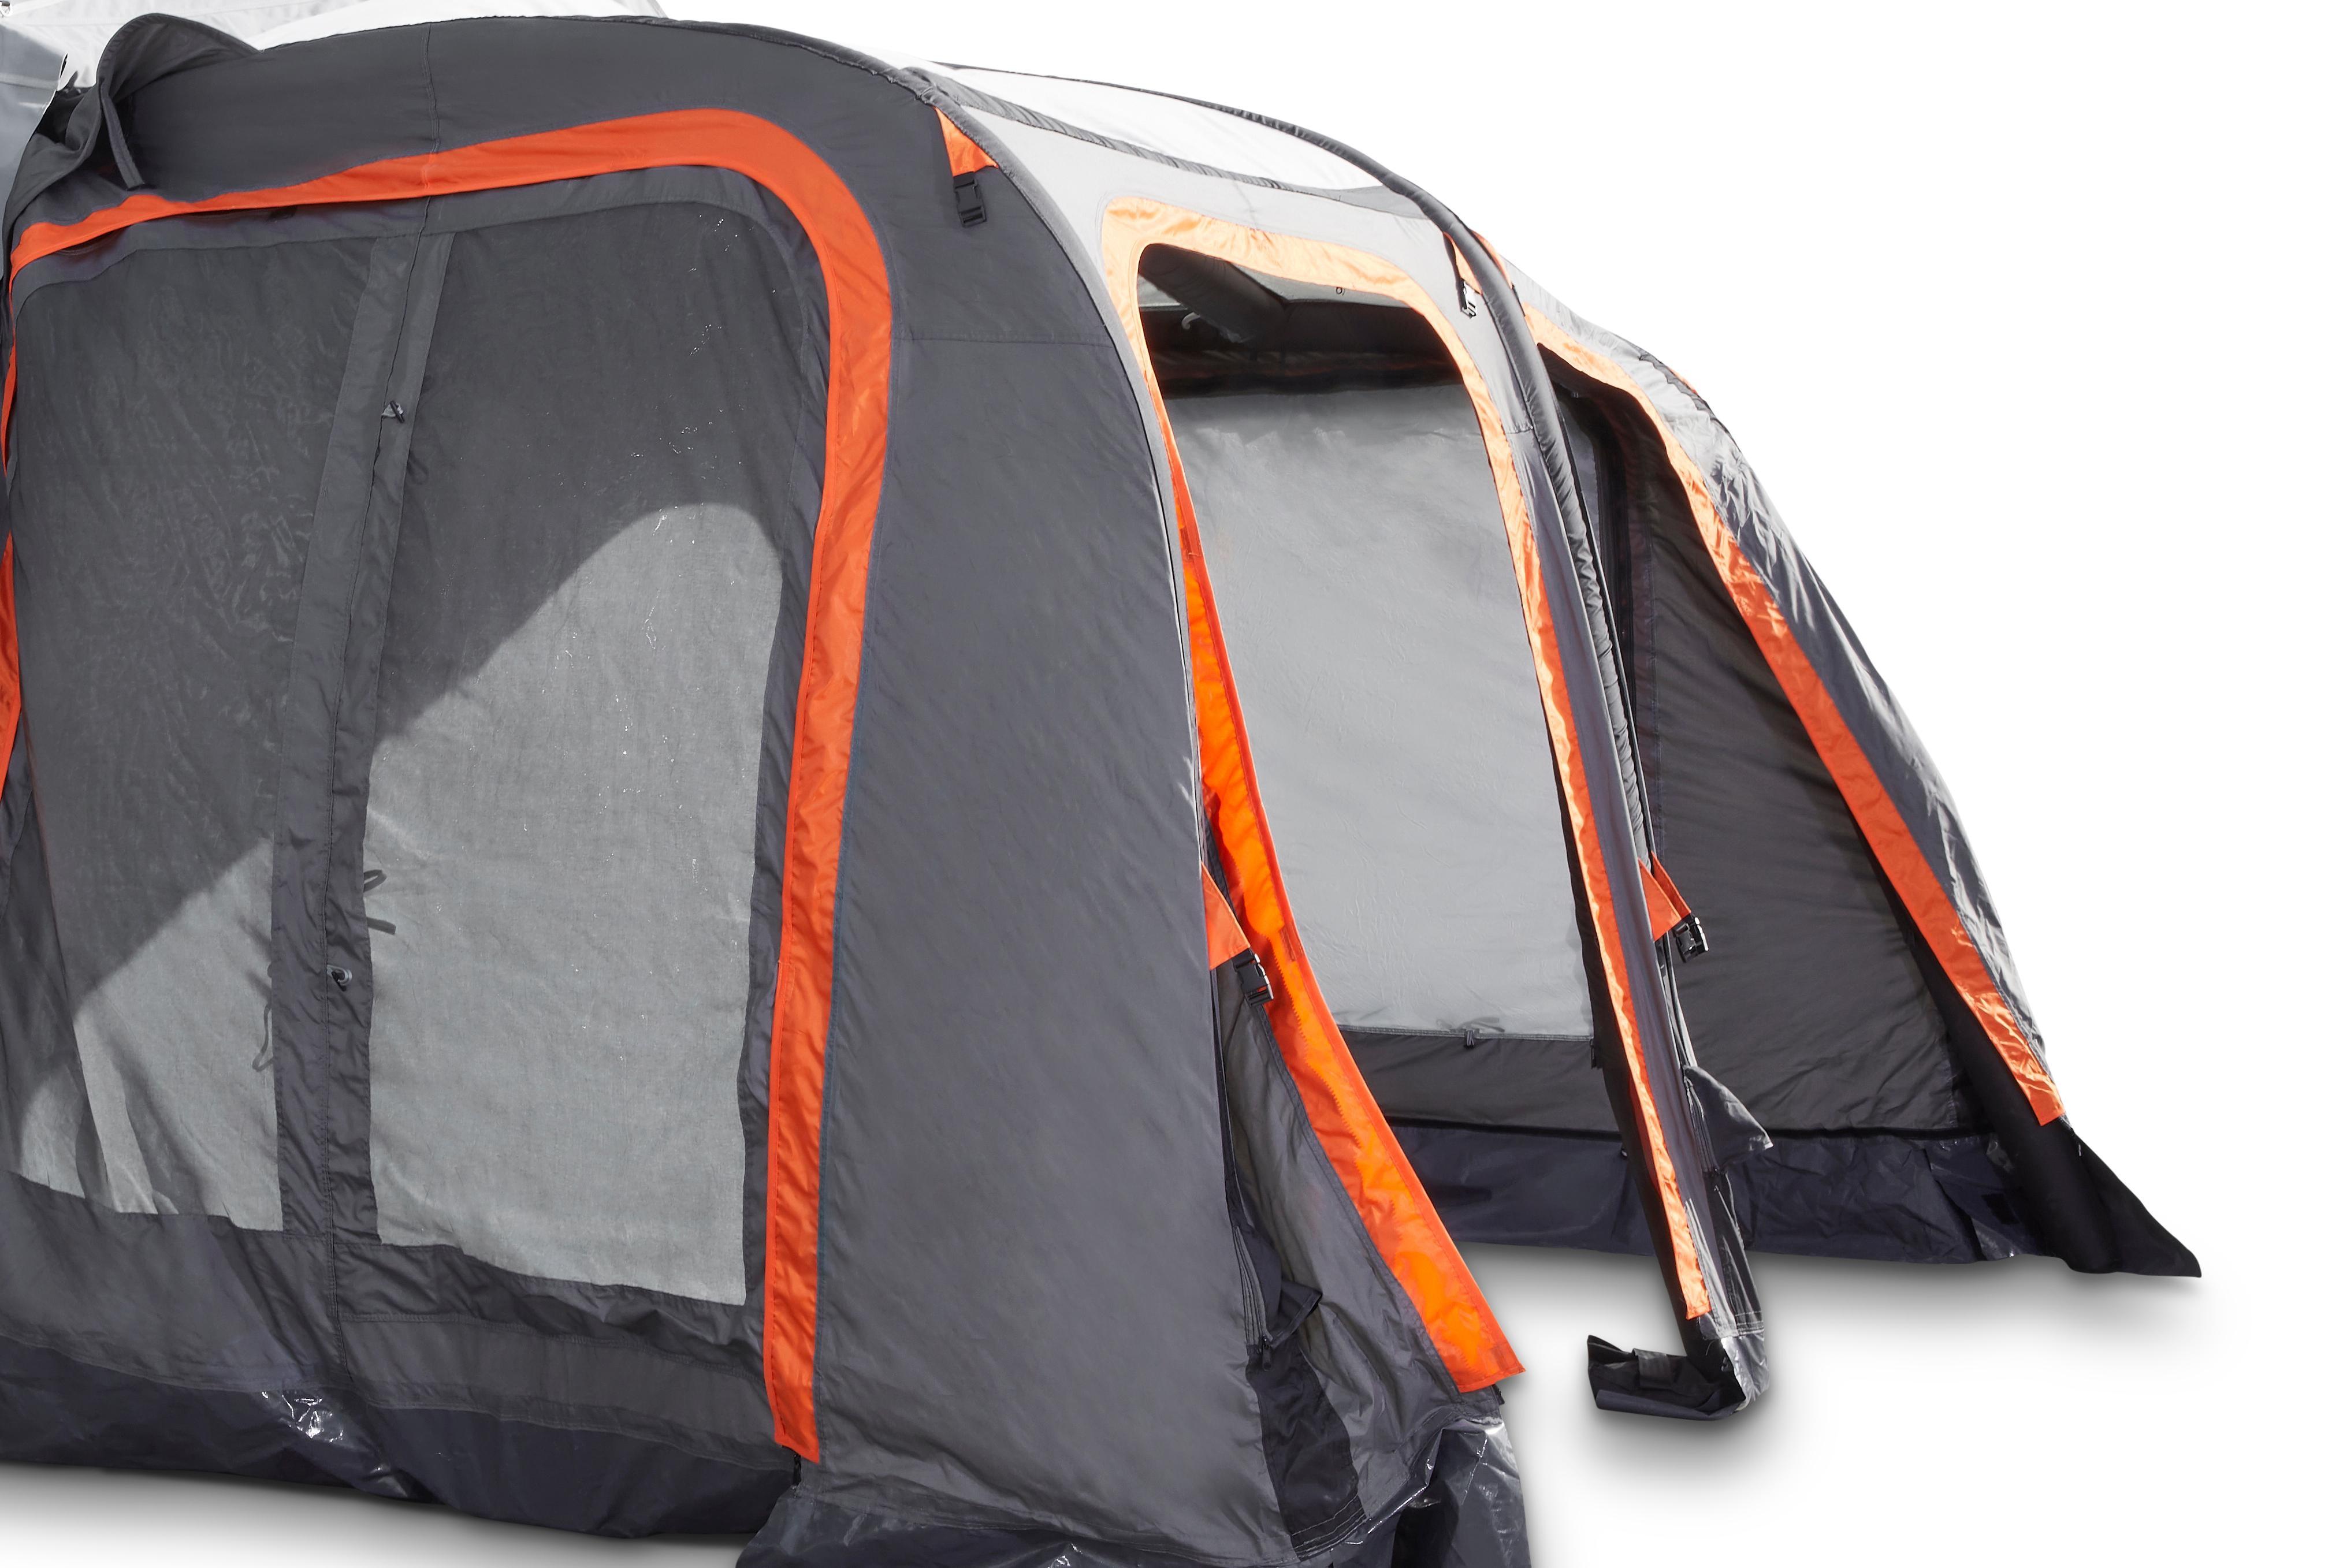 3 24 - Camper Trailers